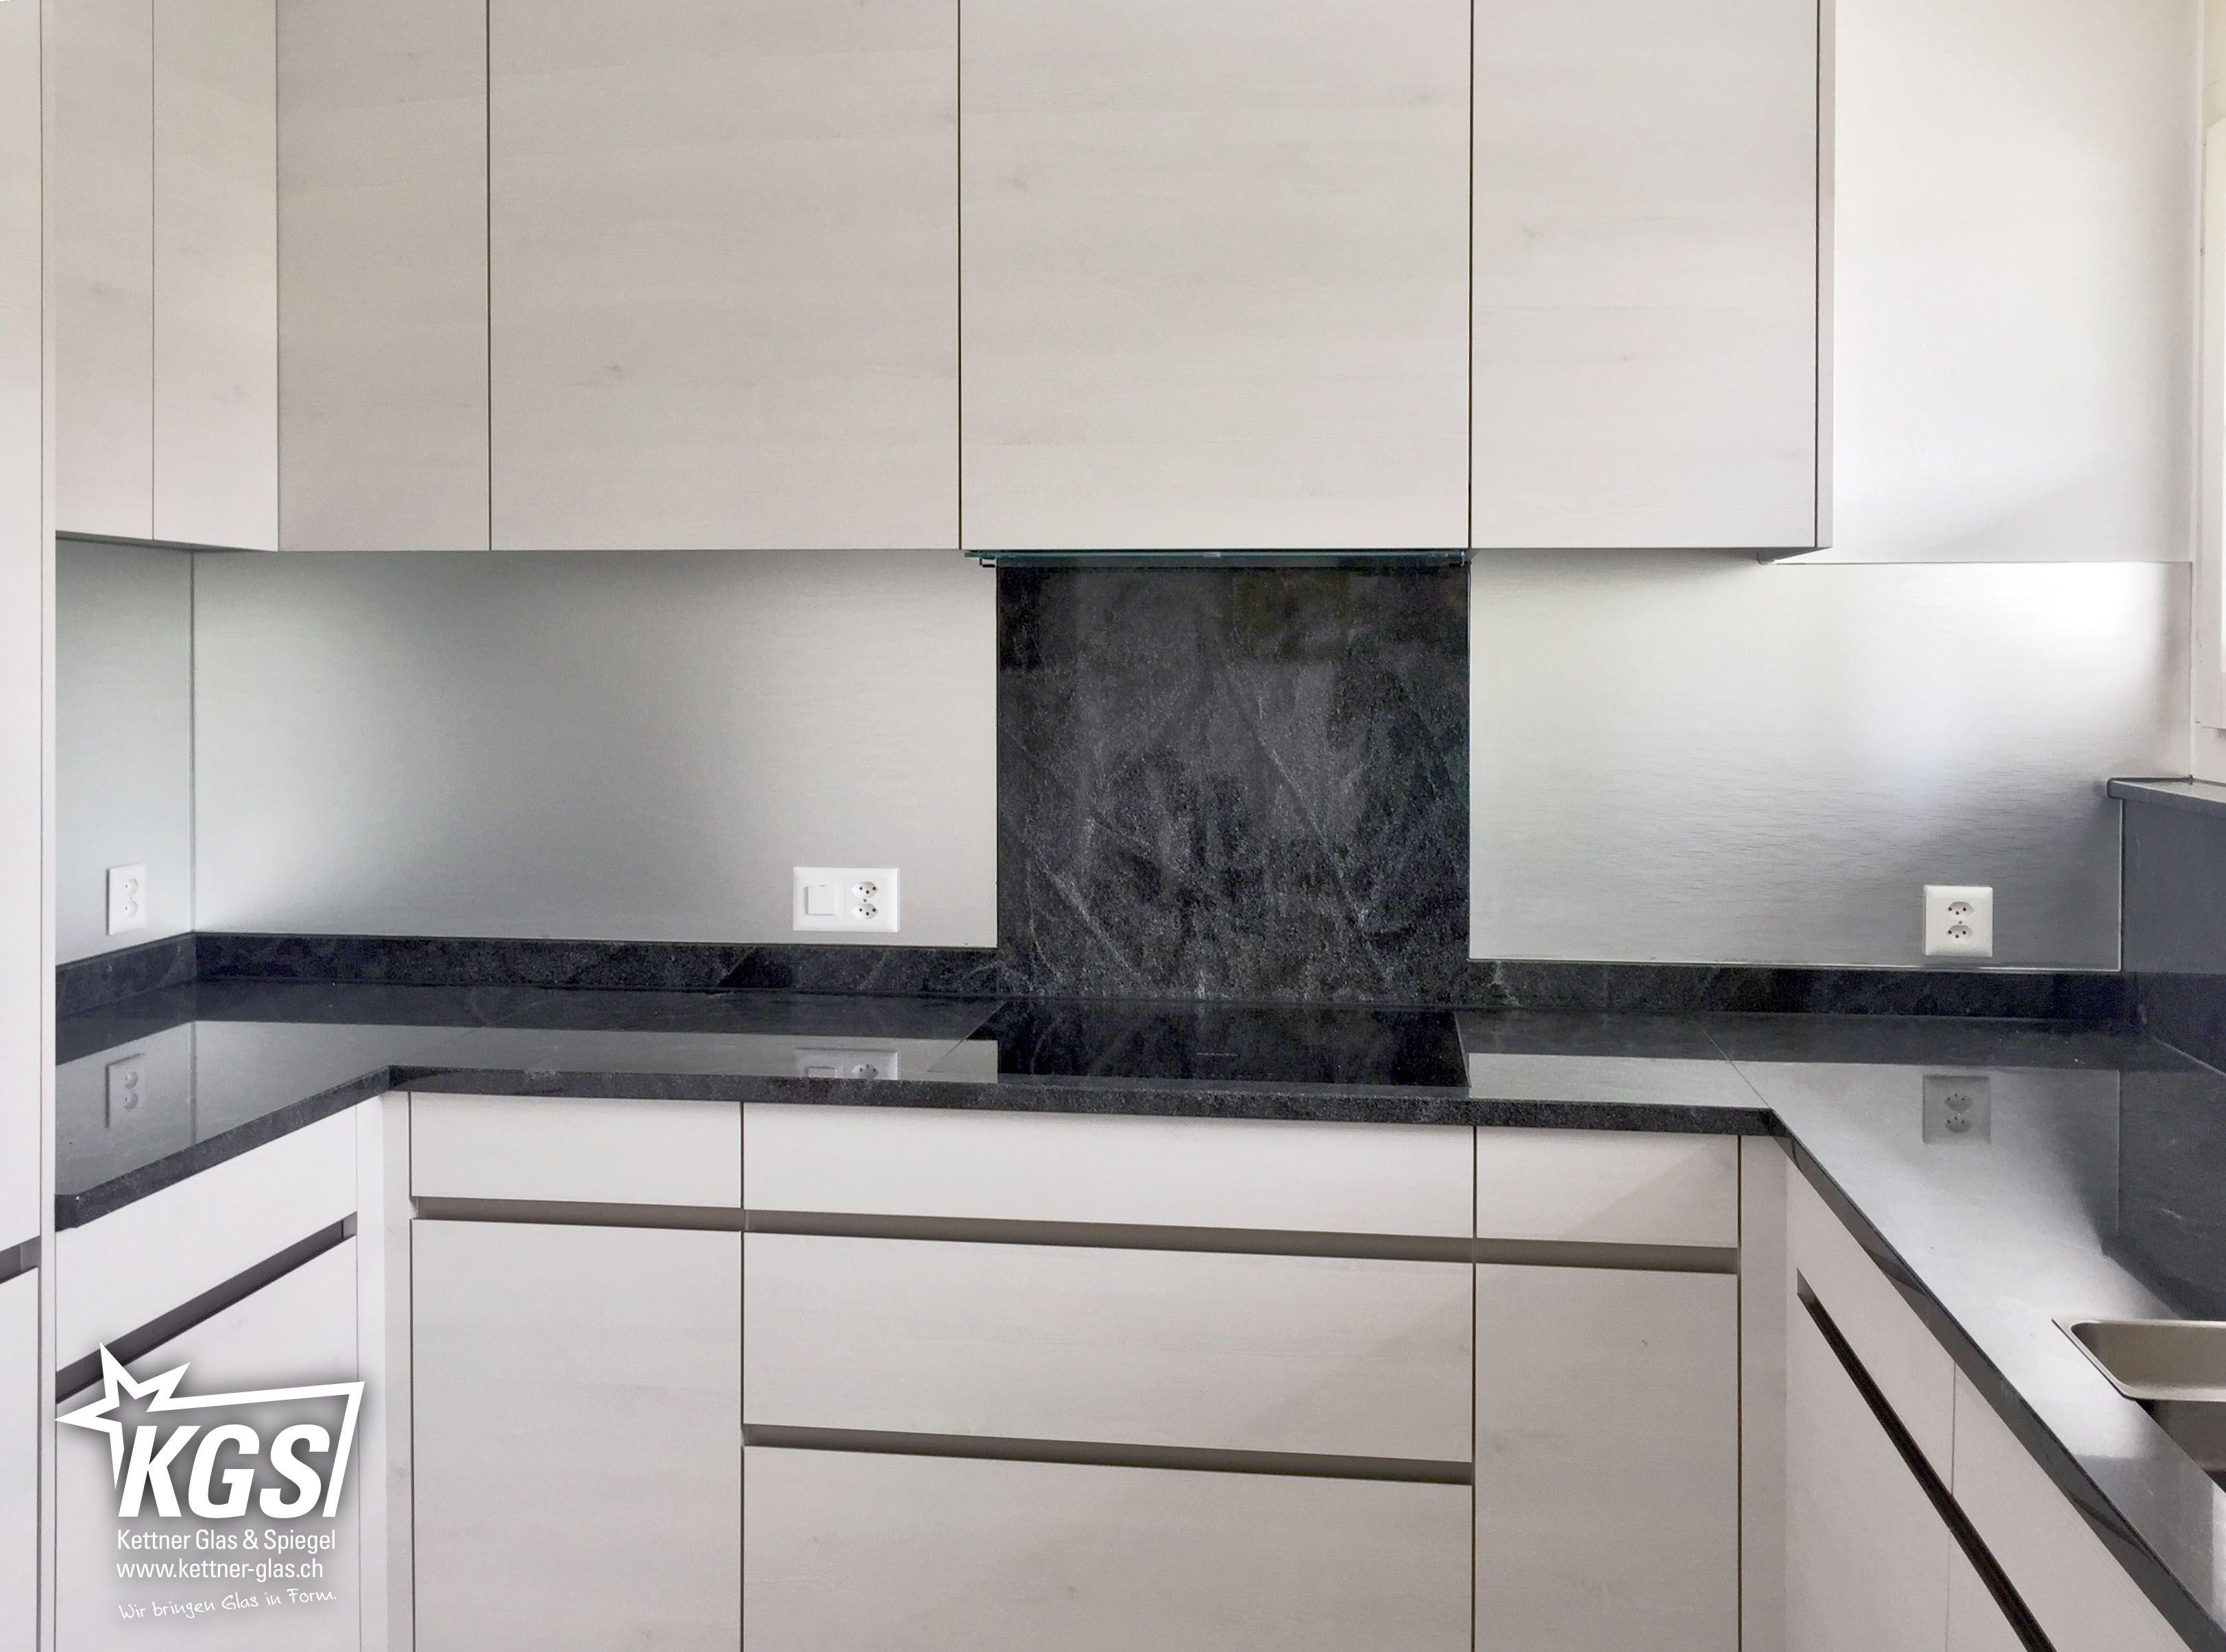 Küchenrückwand Selbstklebend ~ Glasküchenrückwand aus verspiegeltem strukturglas «madras stream